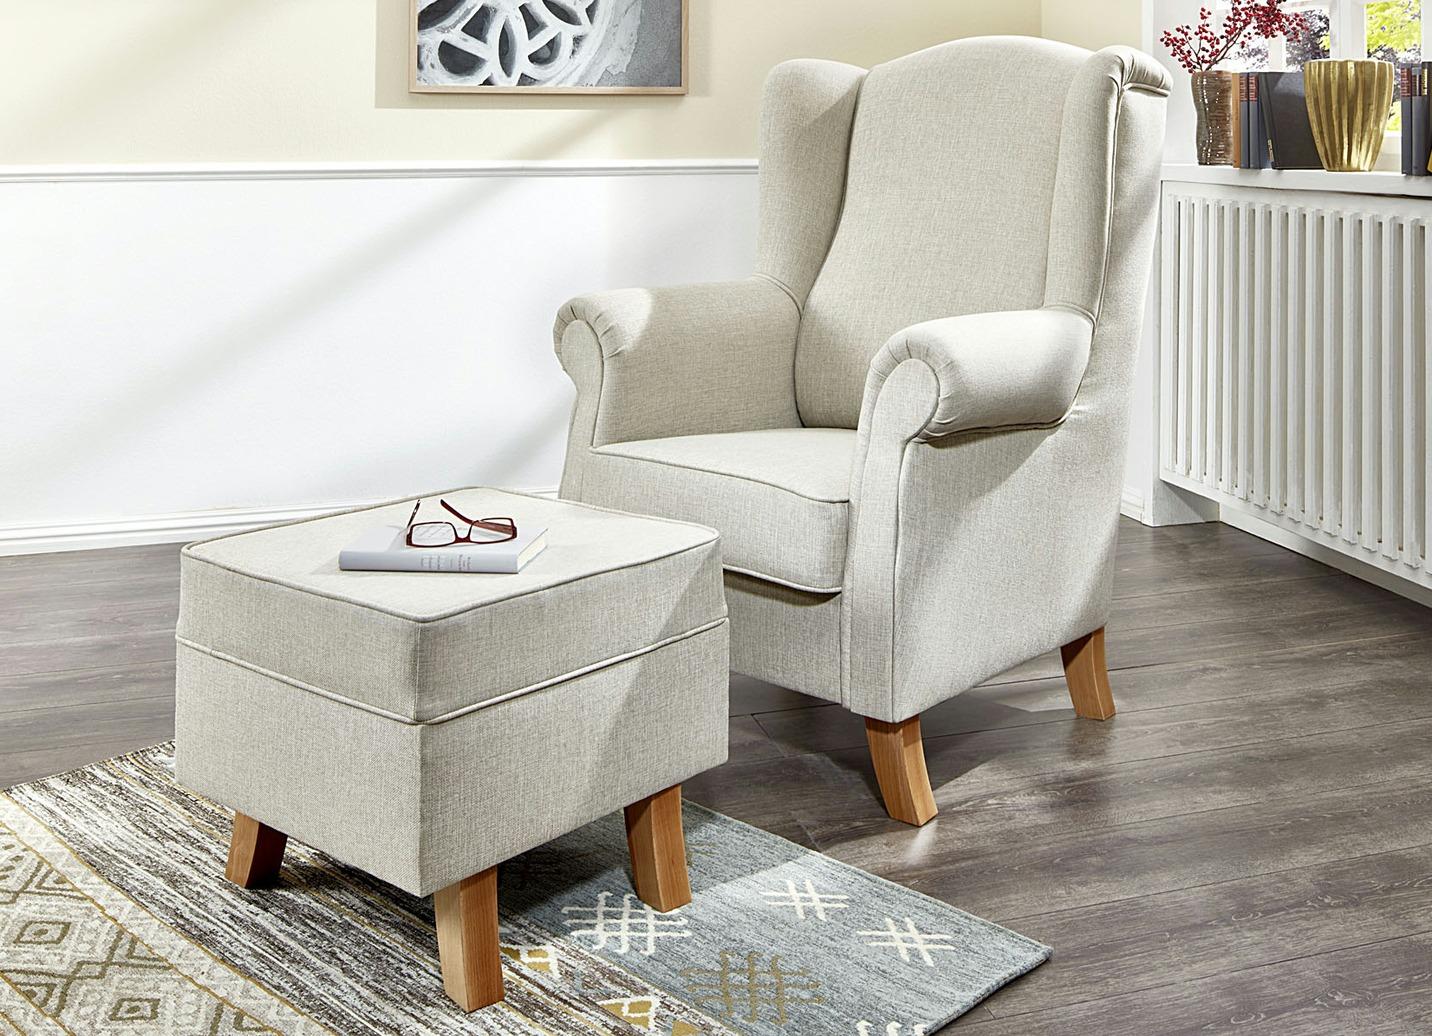 ohrenbackensessel mit hocker in verschiedenen farben wohnzimmer brigitte hachenburg. Black Bedroom Furniture Sets. Home Design Ideas